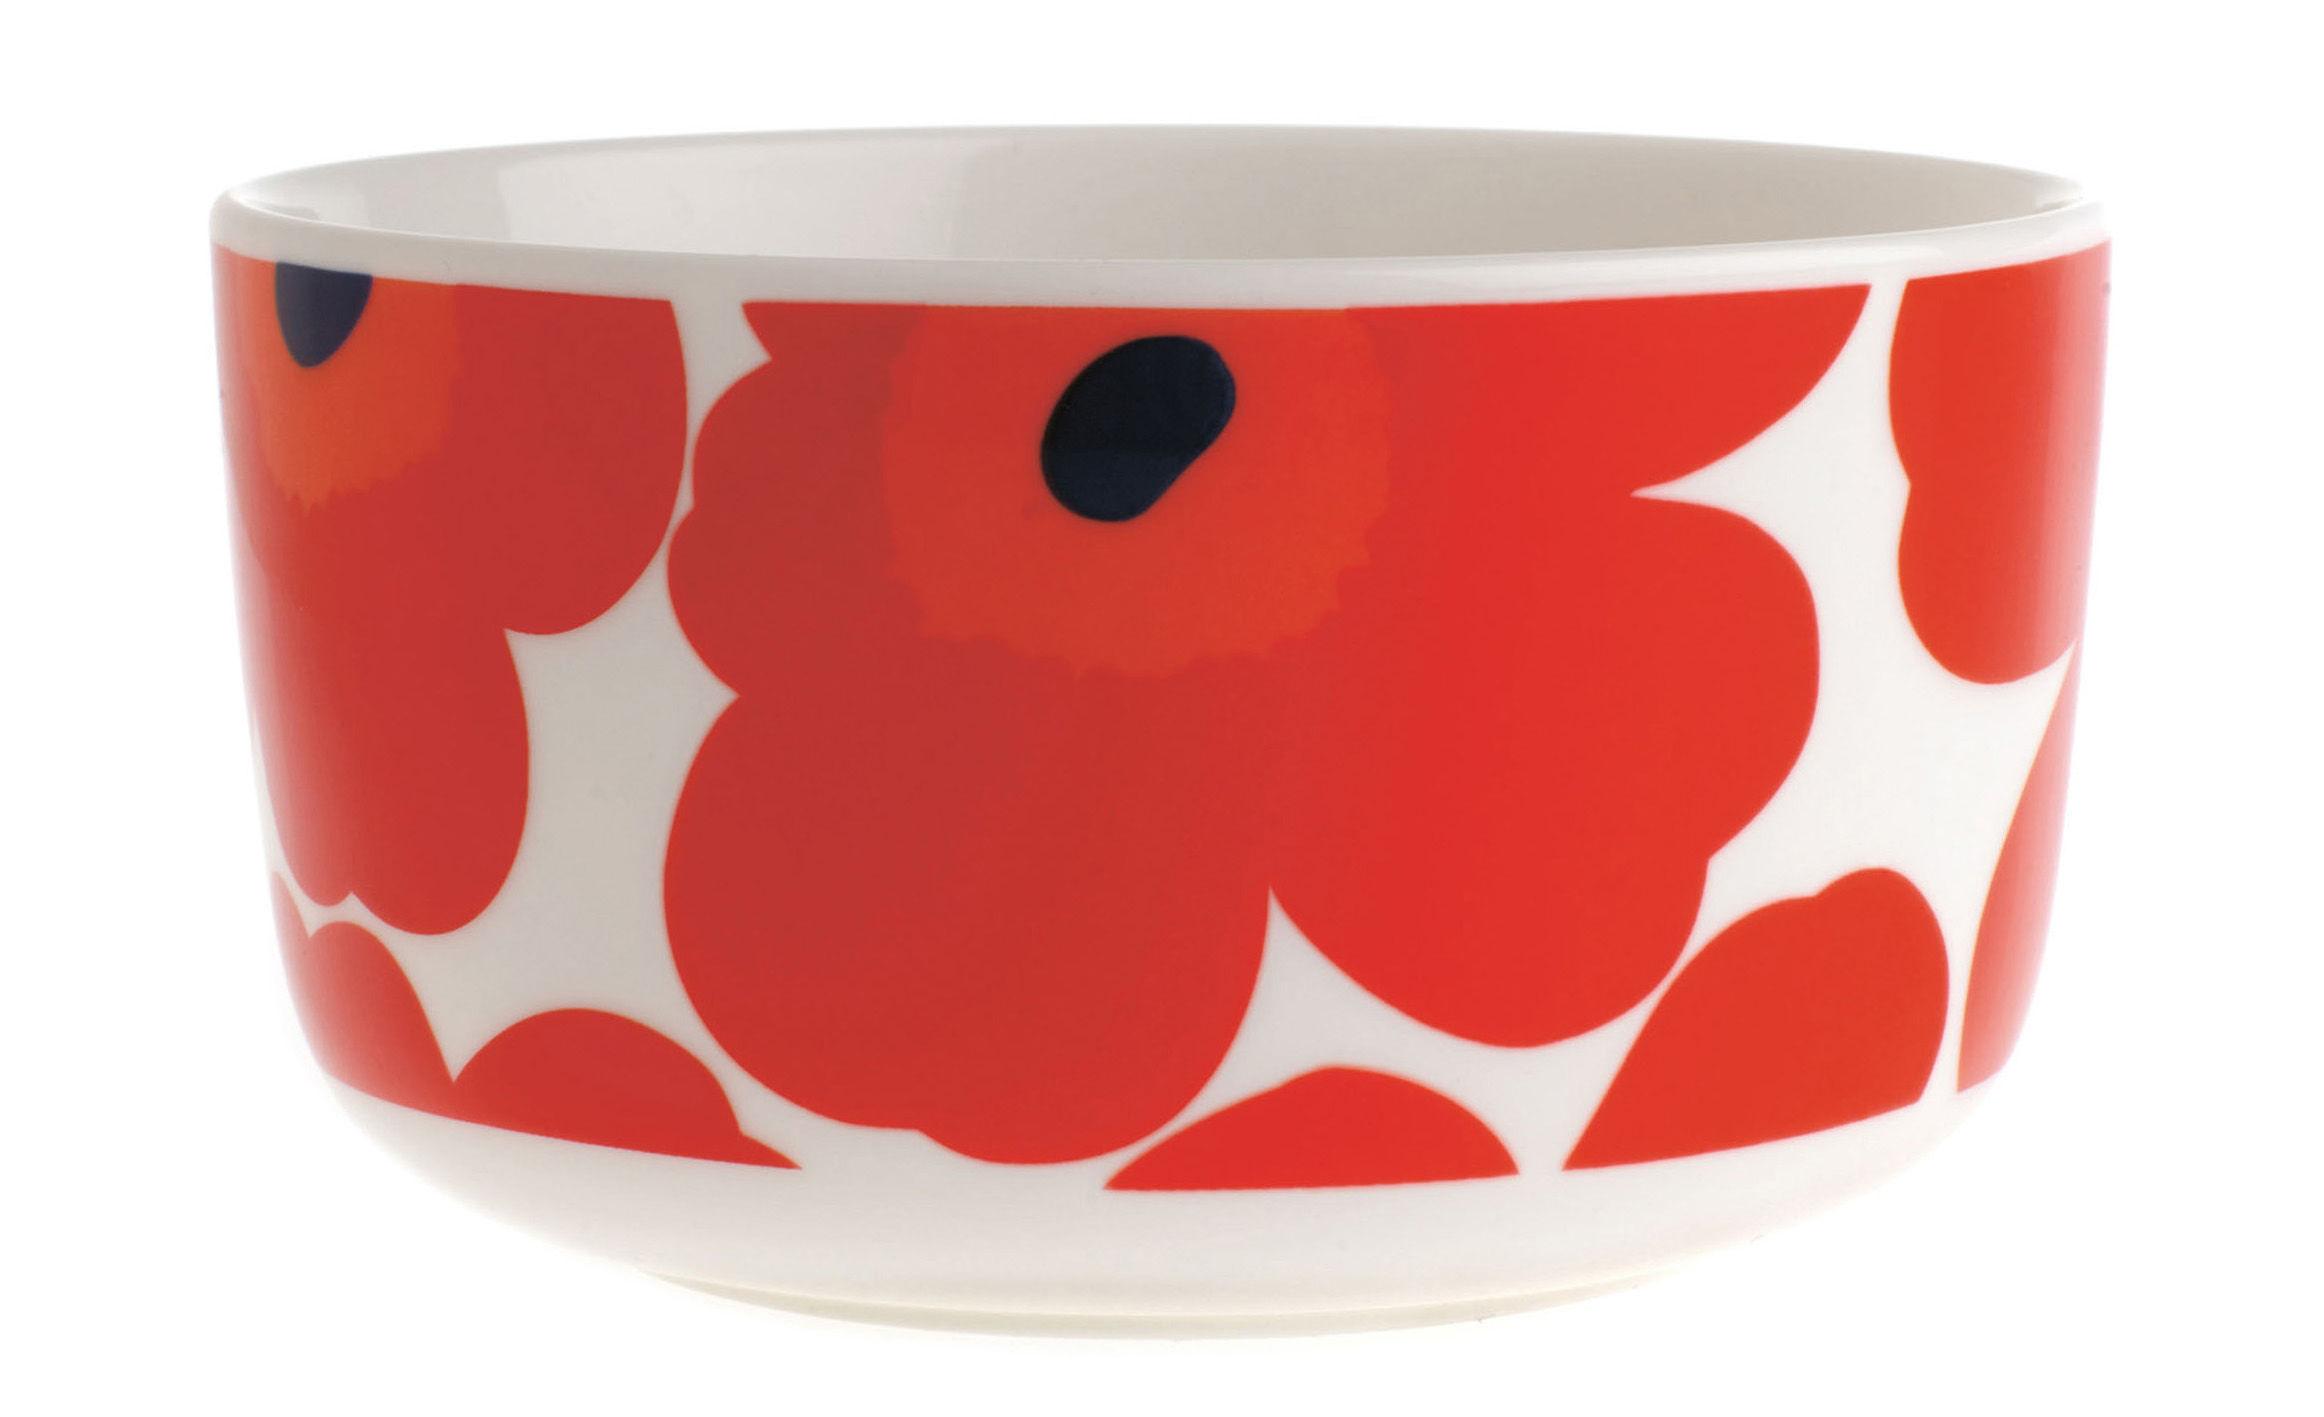 Tischkultur - Salatschüsseln und Schalen - Unikko Schale Ø 12,5 cm - Marimekko - Ø 12,5 cm - Unikko - Weiß & rot - emailliertes Porzellan